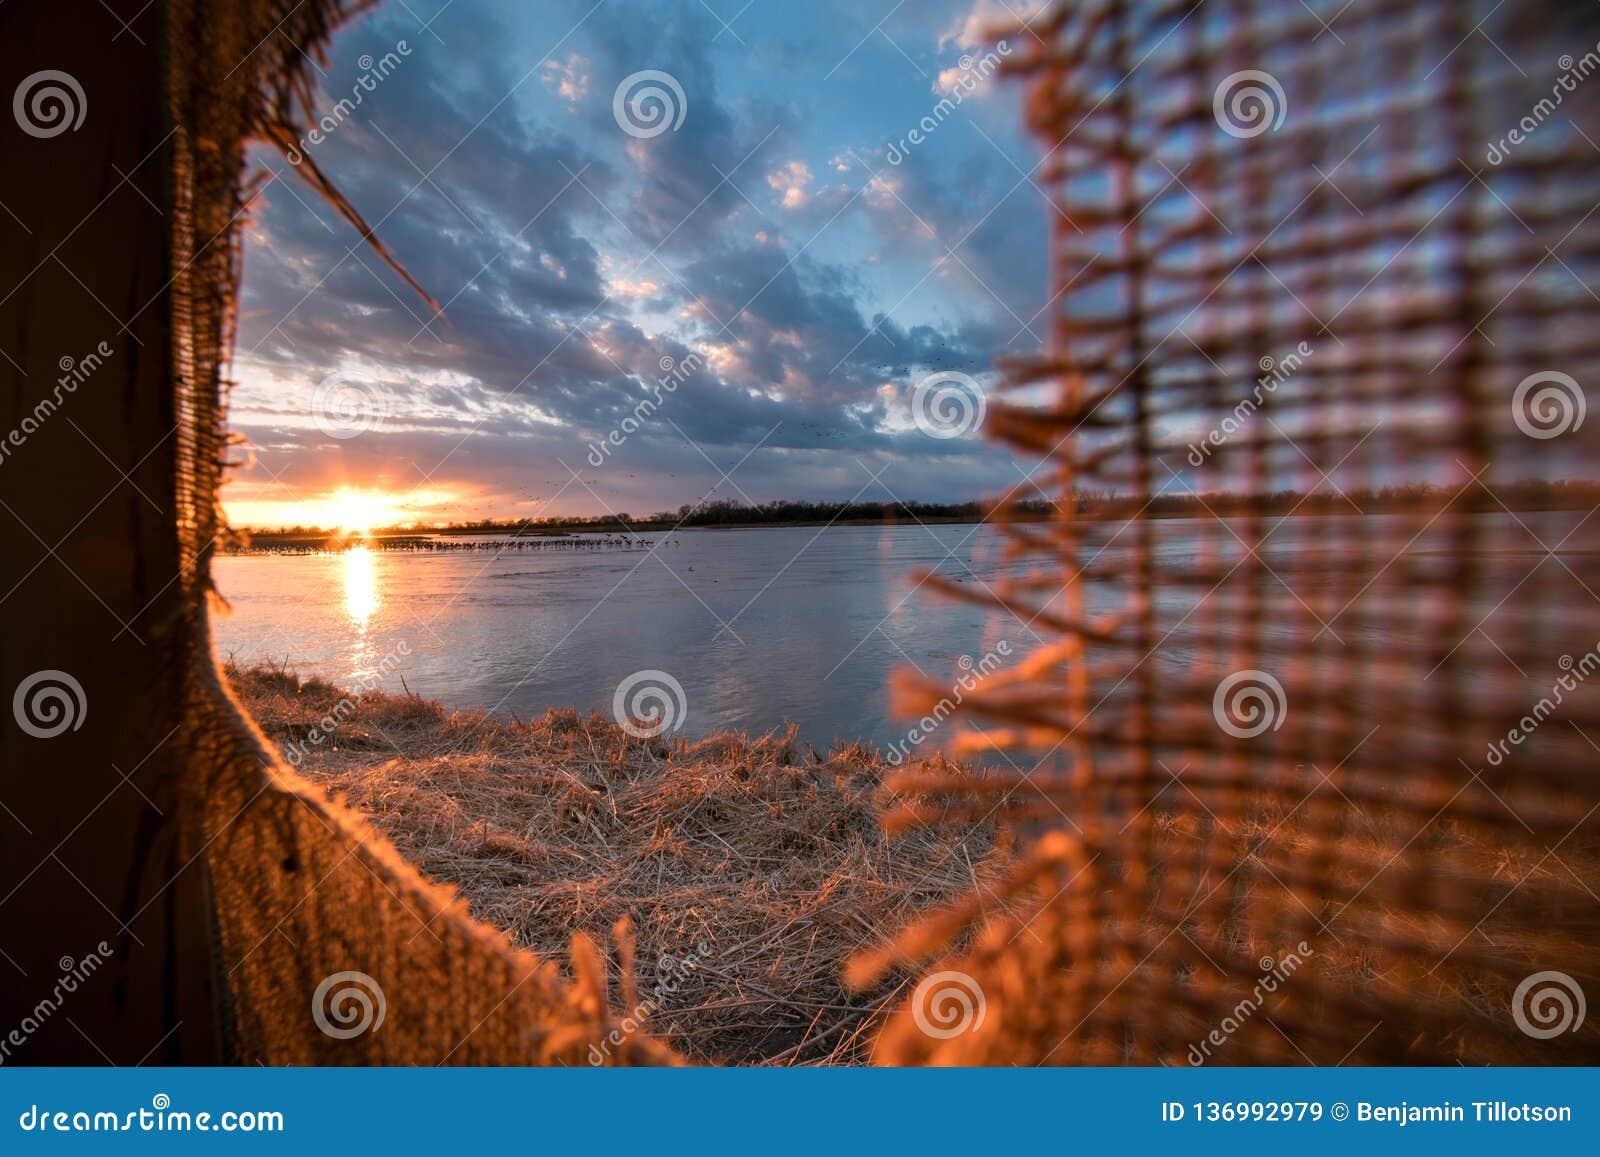 Betrachtung Sandhill streckt sich von einem Vorhang